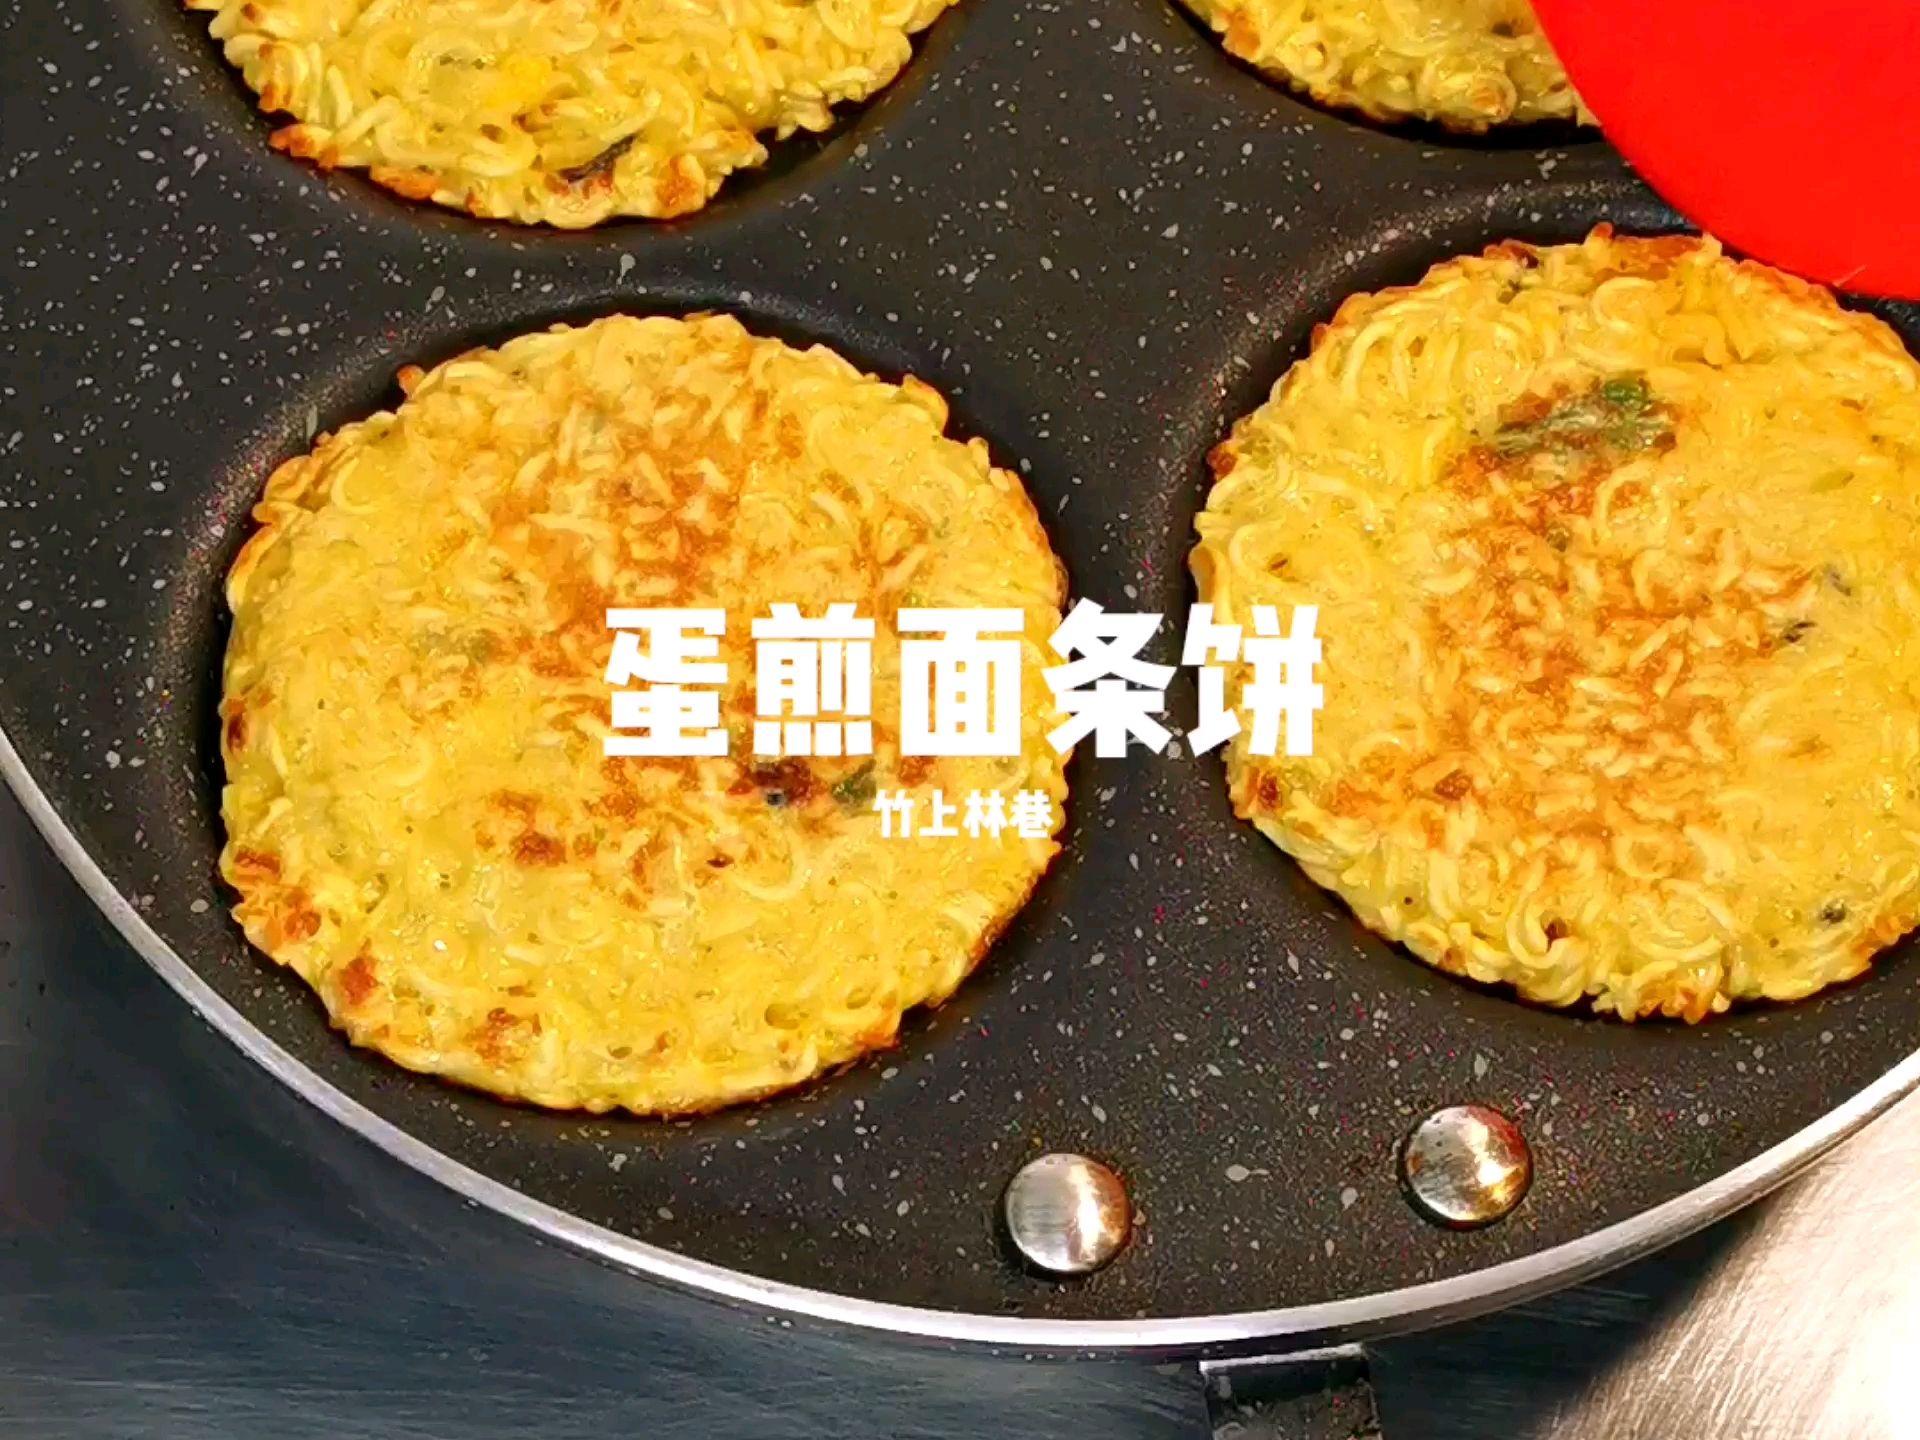 蛋煎面条饼